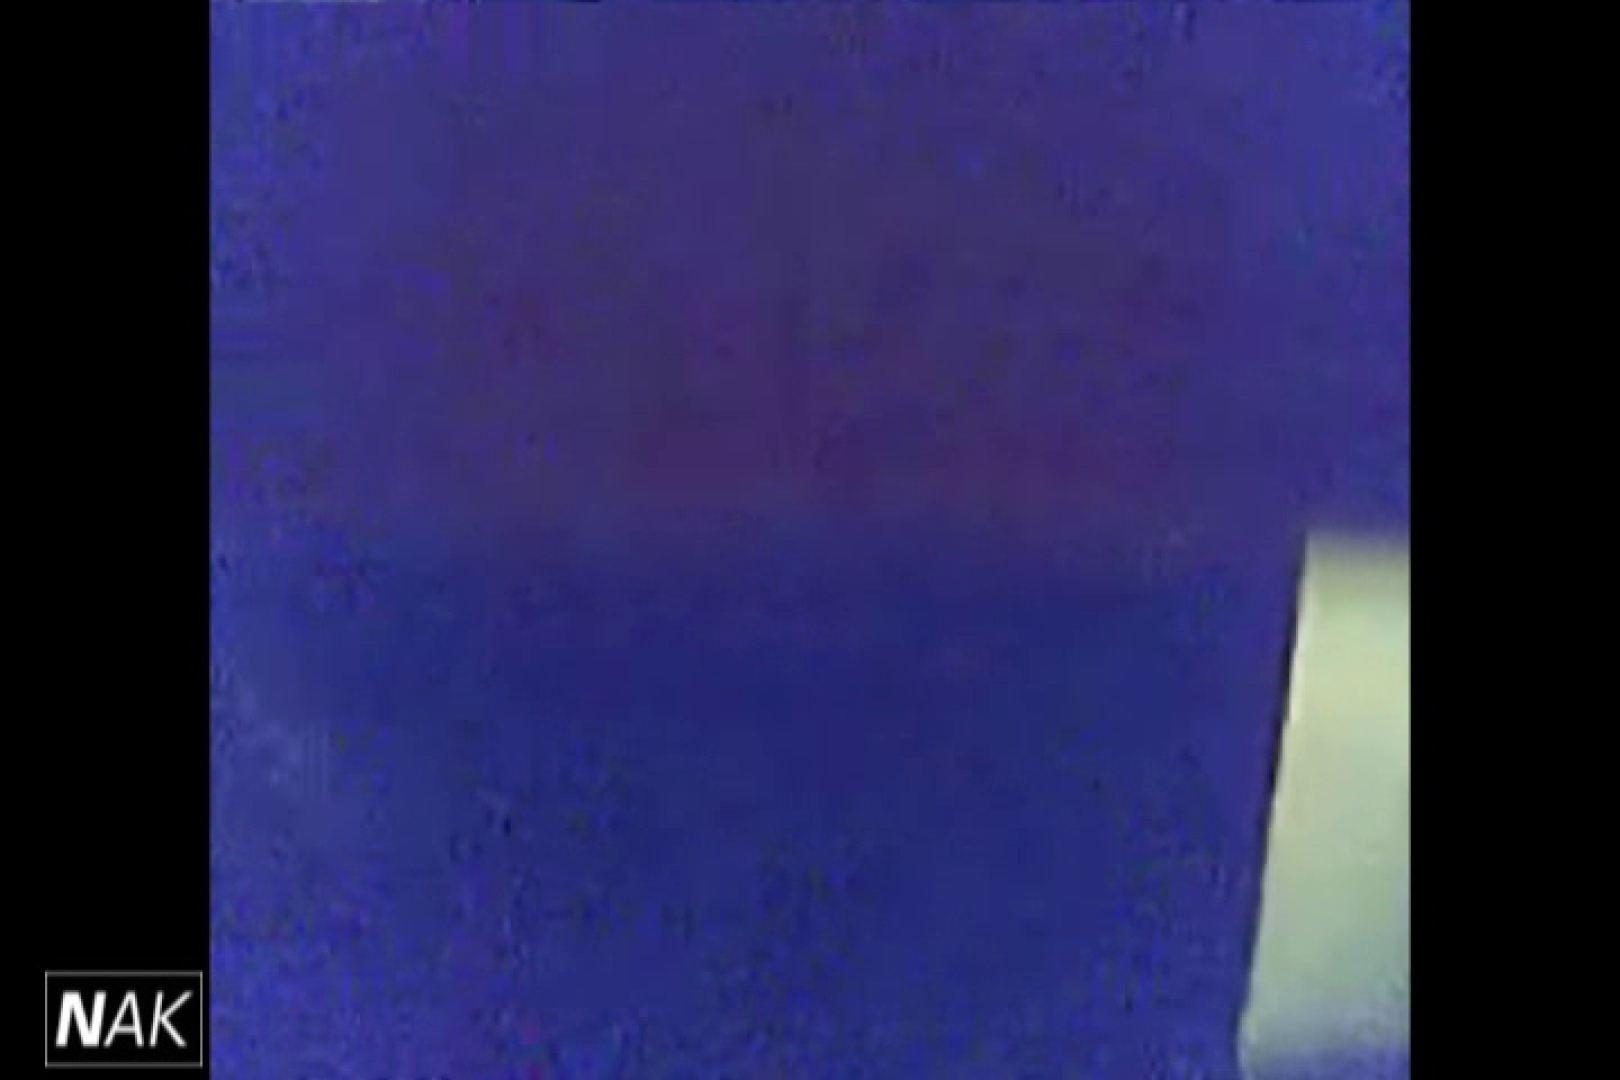 せん八さんの厠観察日記!2点監視カメラ 高画質5000K vol.08 HなOL | Hなお姉さん  95pic 29